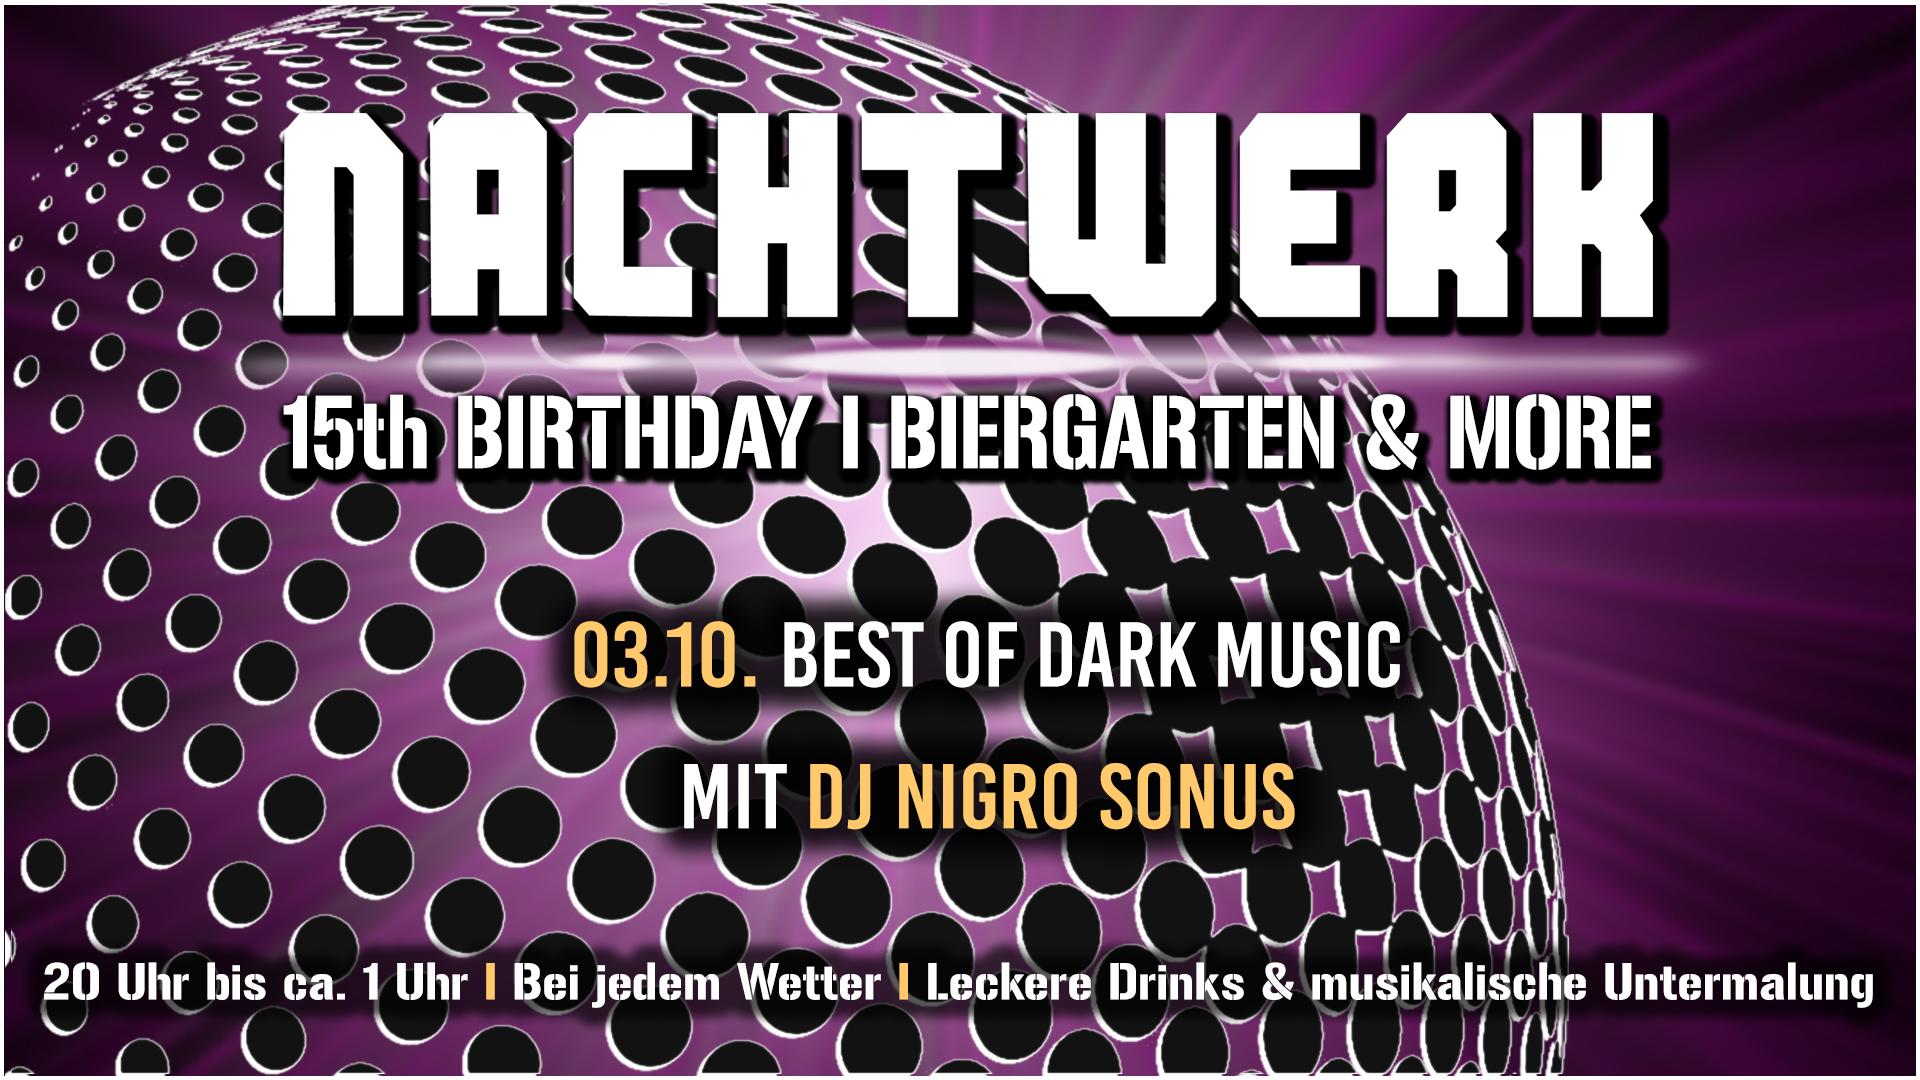 Biergarten & more: Nachtwerk Birthday